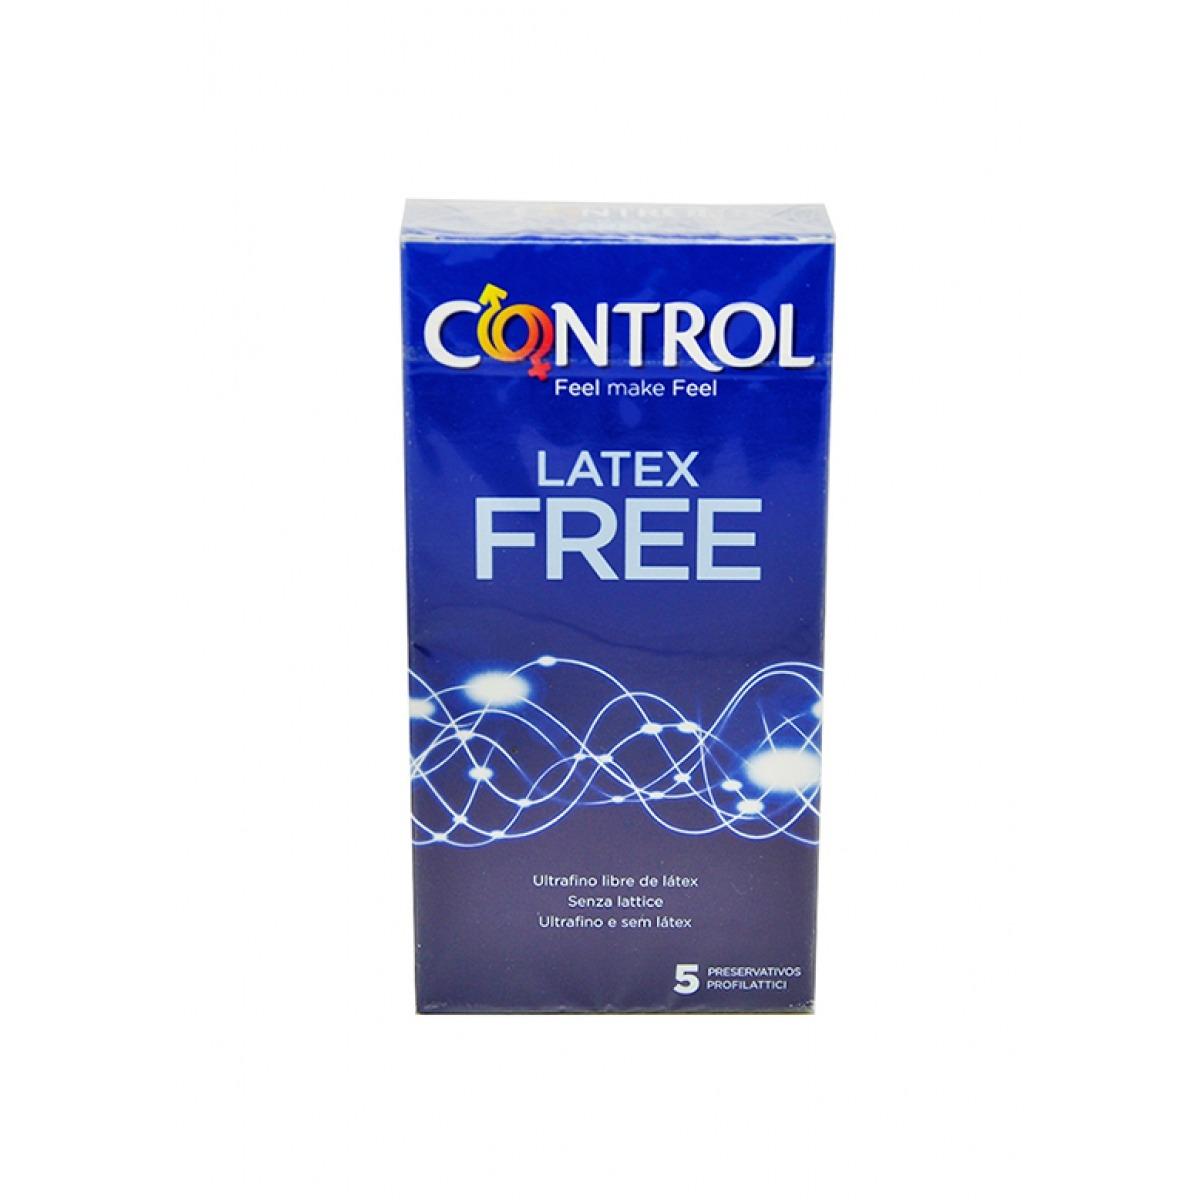 CONTROL SIN LATEX PRESERVATIVOS 5 UNIDADES.